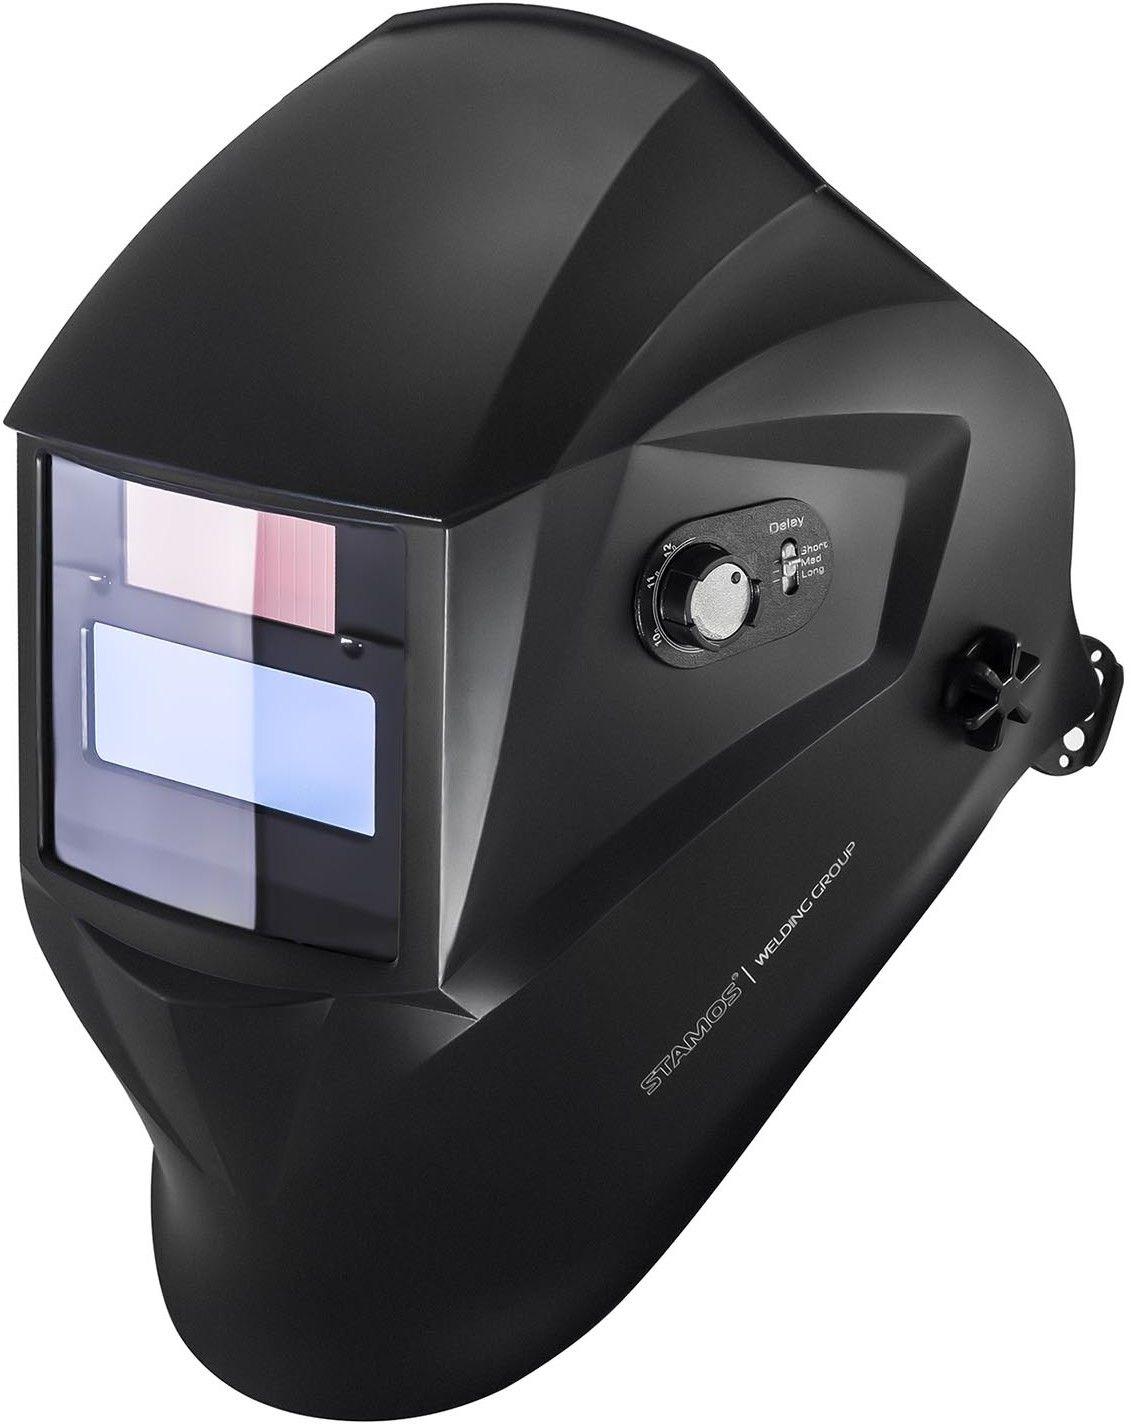 Maska spawalnicza - Operator - Easy - Stamos Germany - Operator - 3 lata gwarancji/wysyłka w 24h